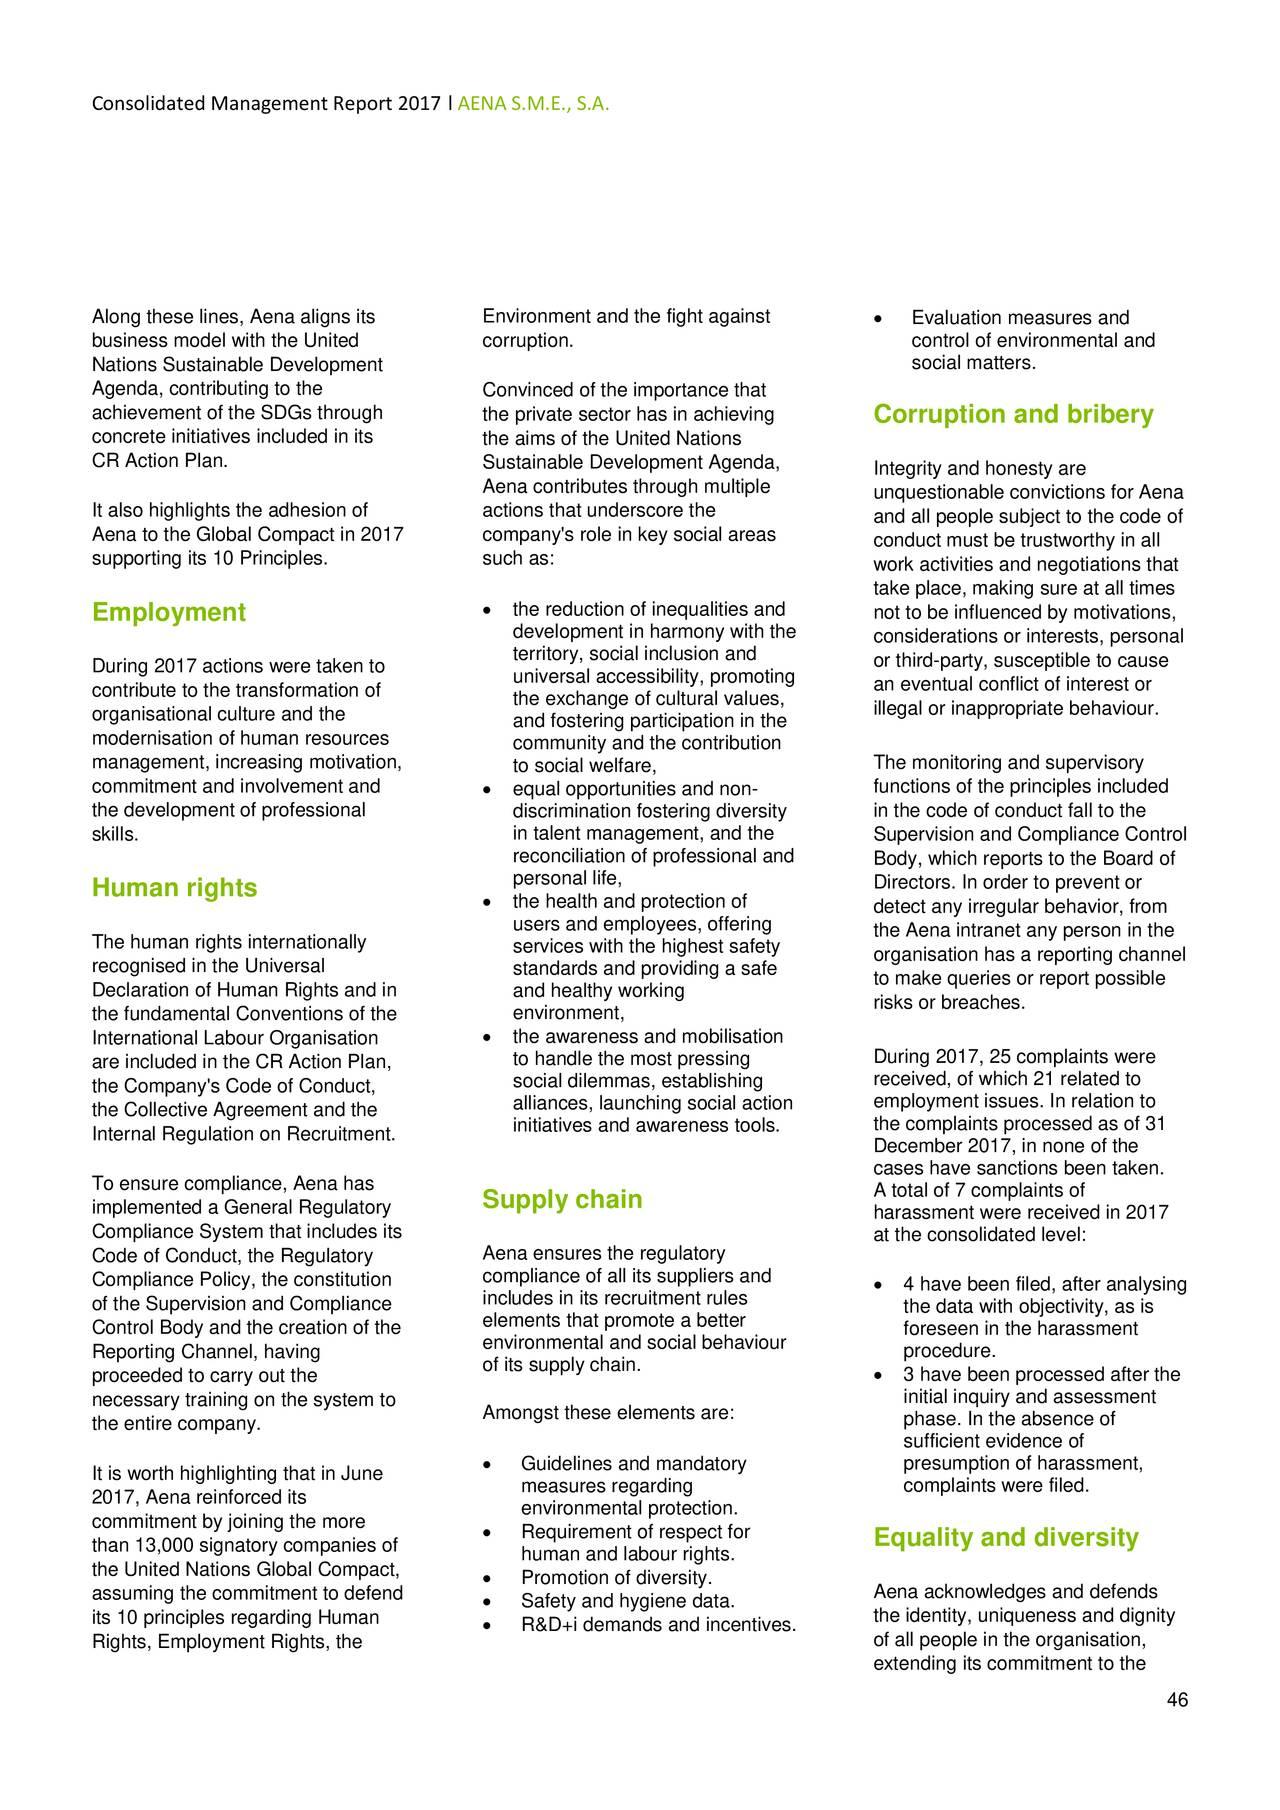 Aena SME S.A. ADR 2017 Q4 - Results